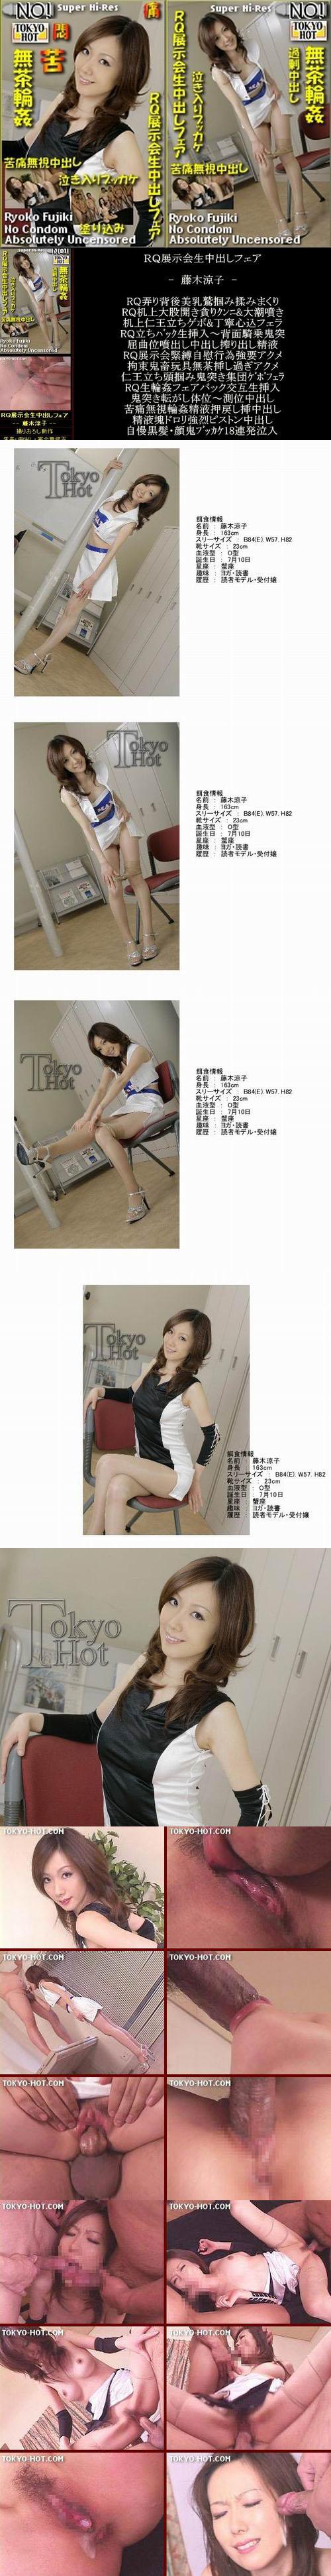 [2部]TOKYO-HOTN0194、N0212